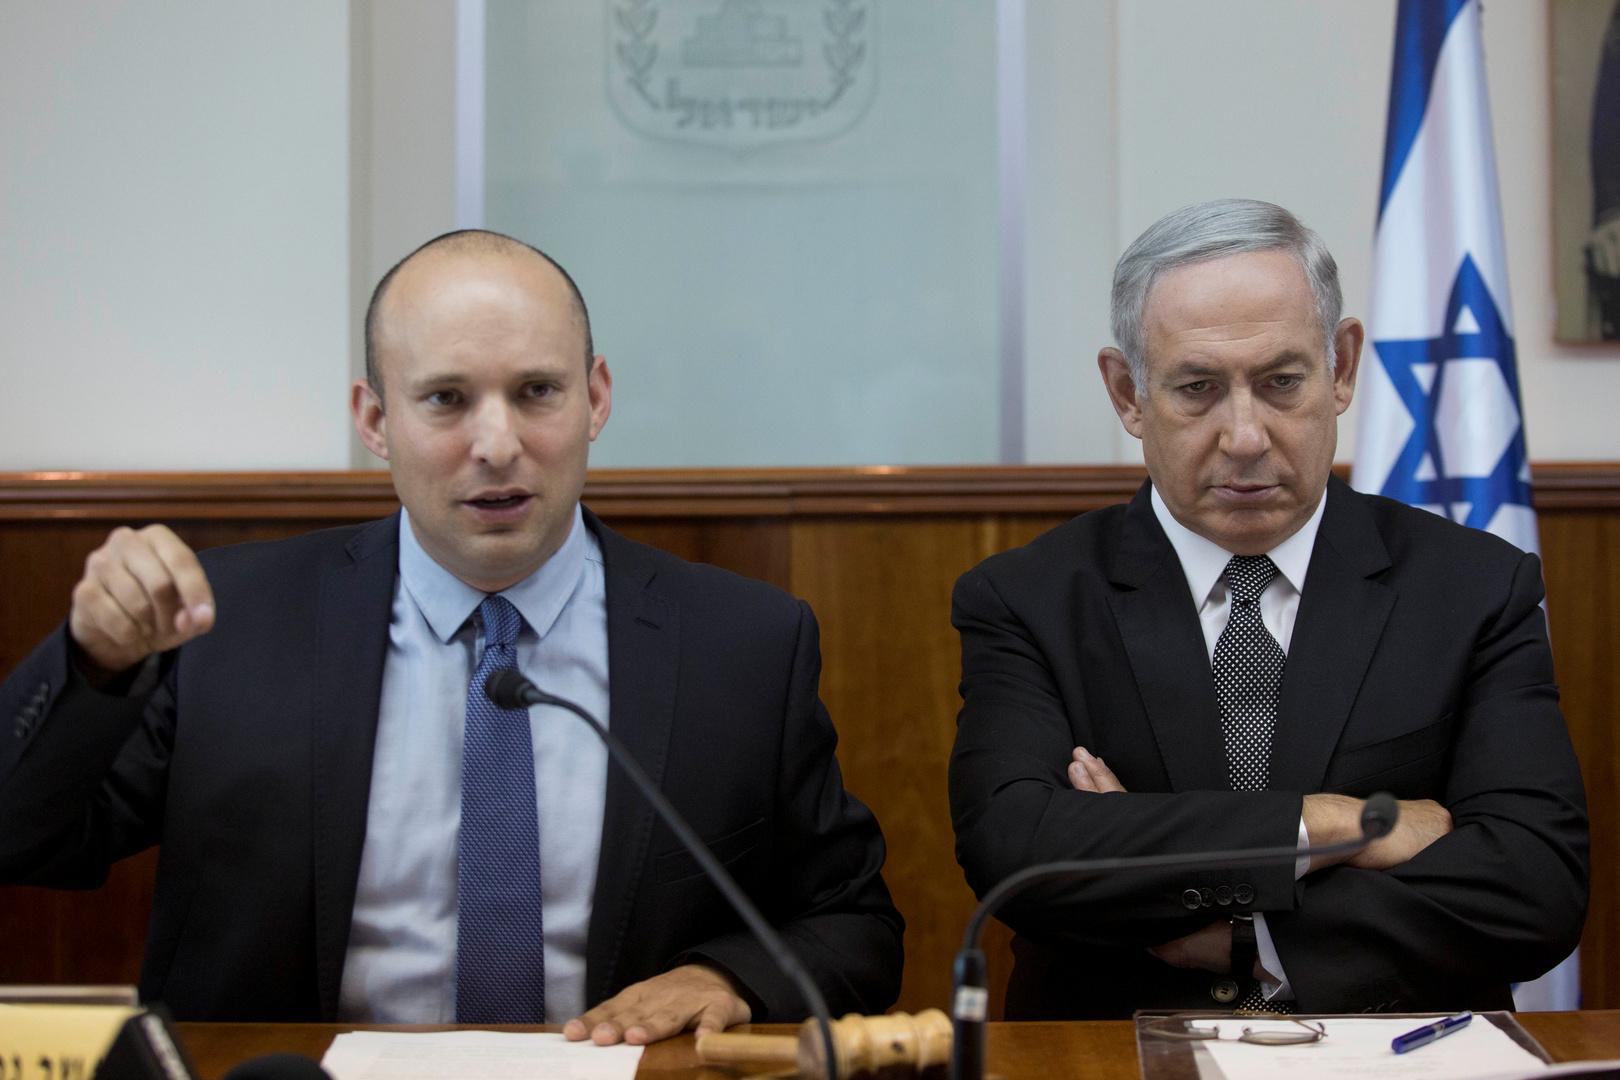 نتنياهو يتخلى عن منصب وزير الدفاع لصالح زعيم